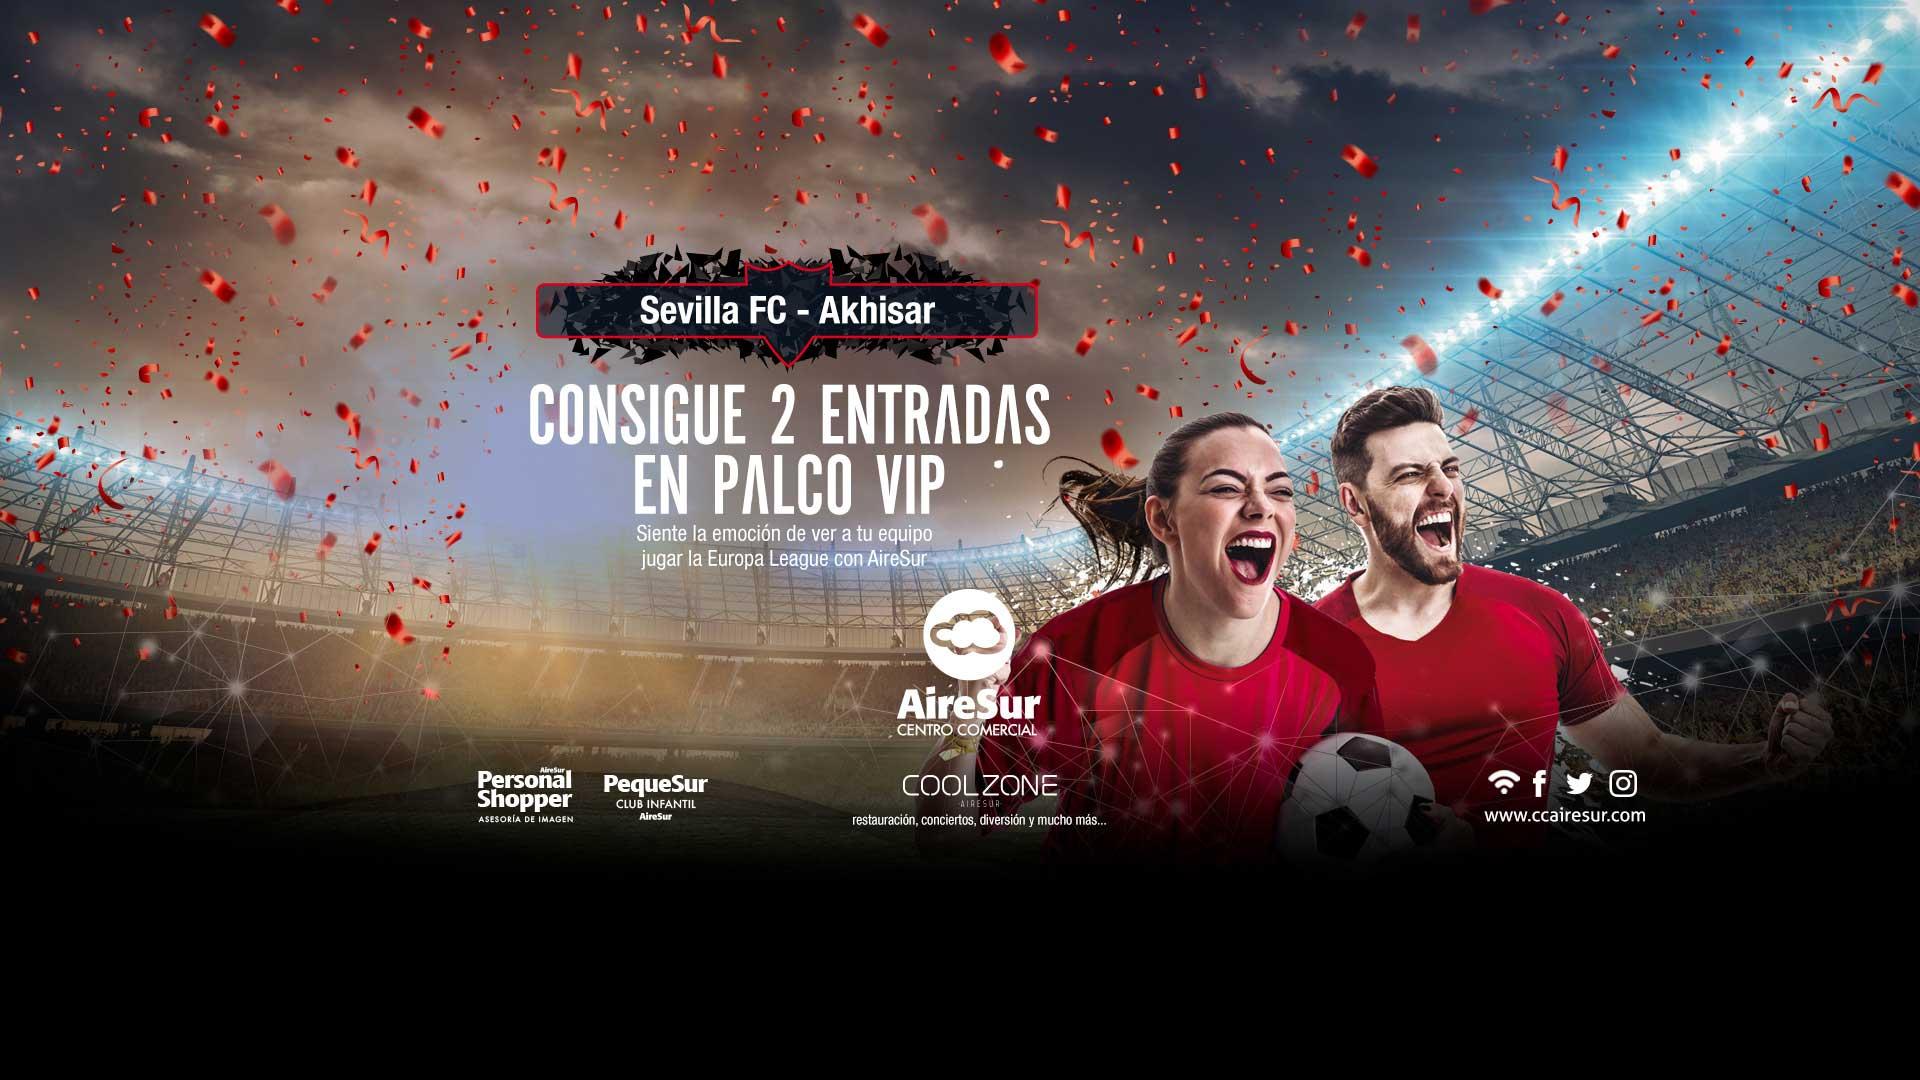 Sorteo entradas Sevilla FC AireSur